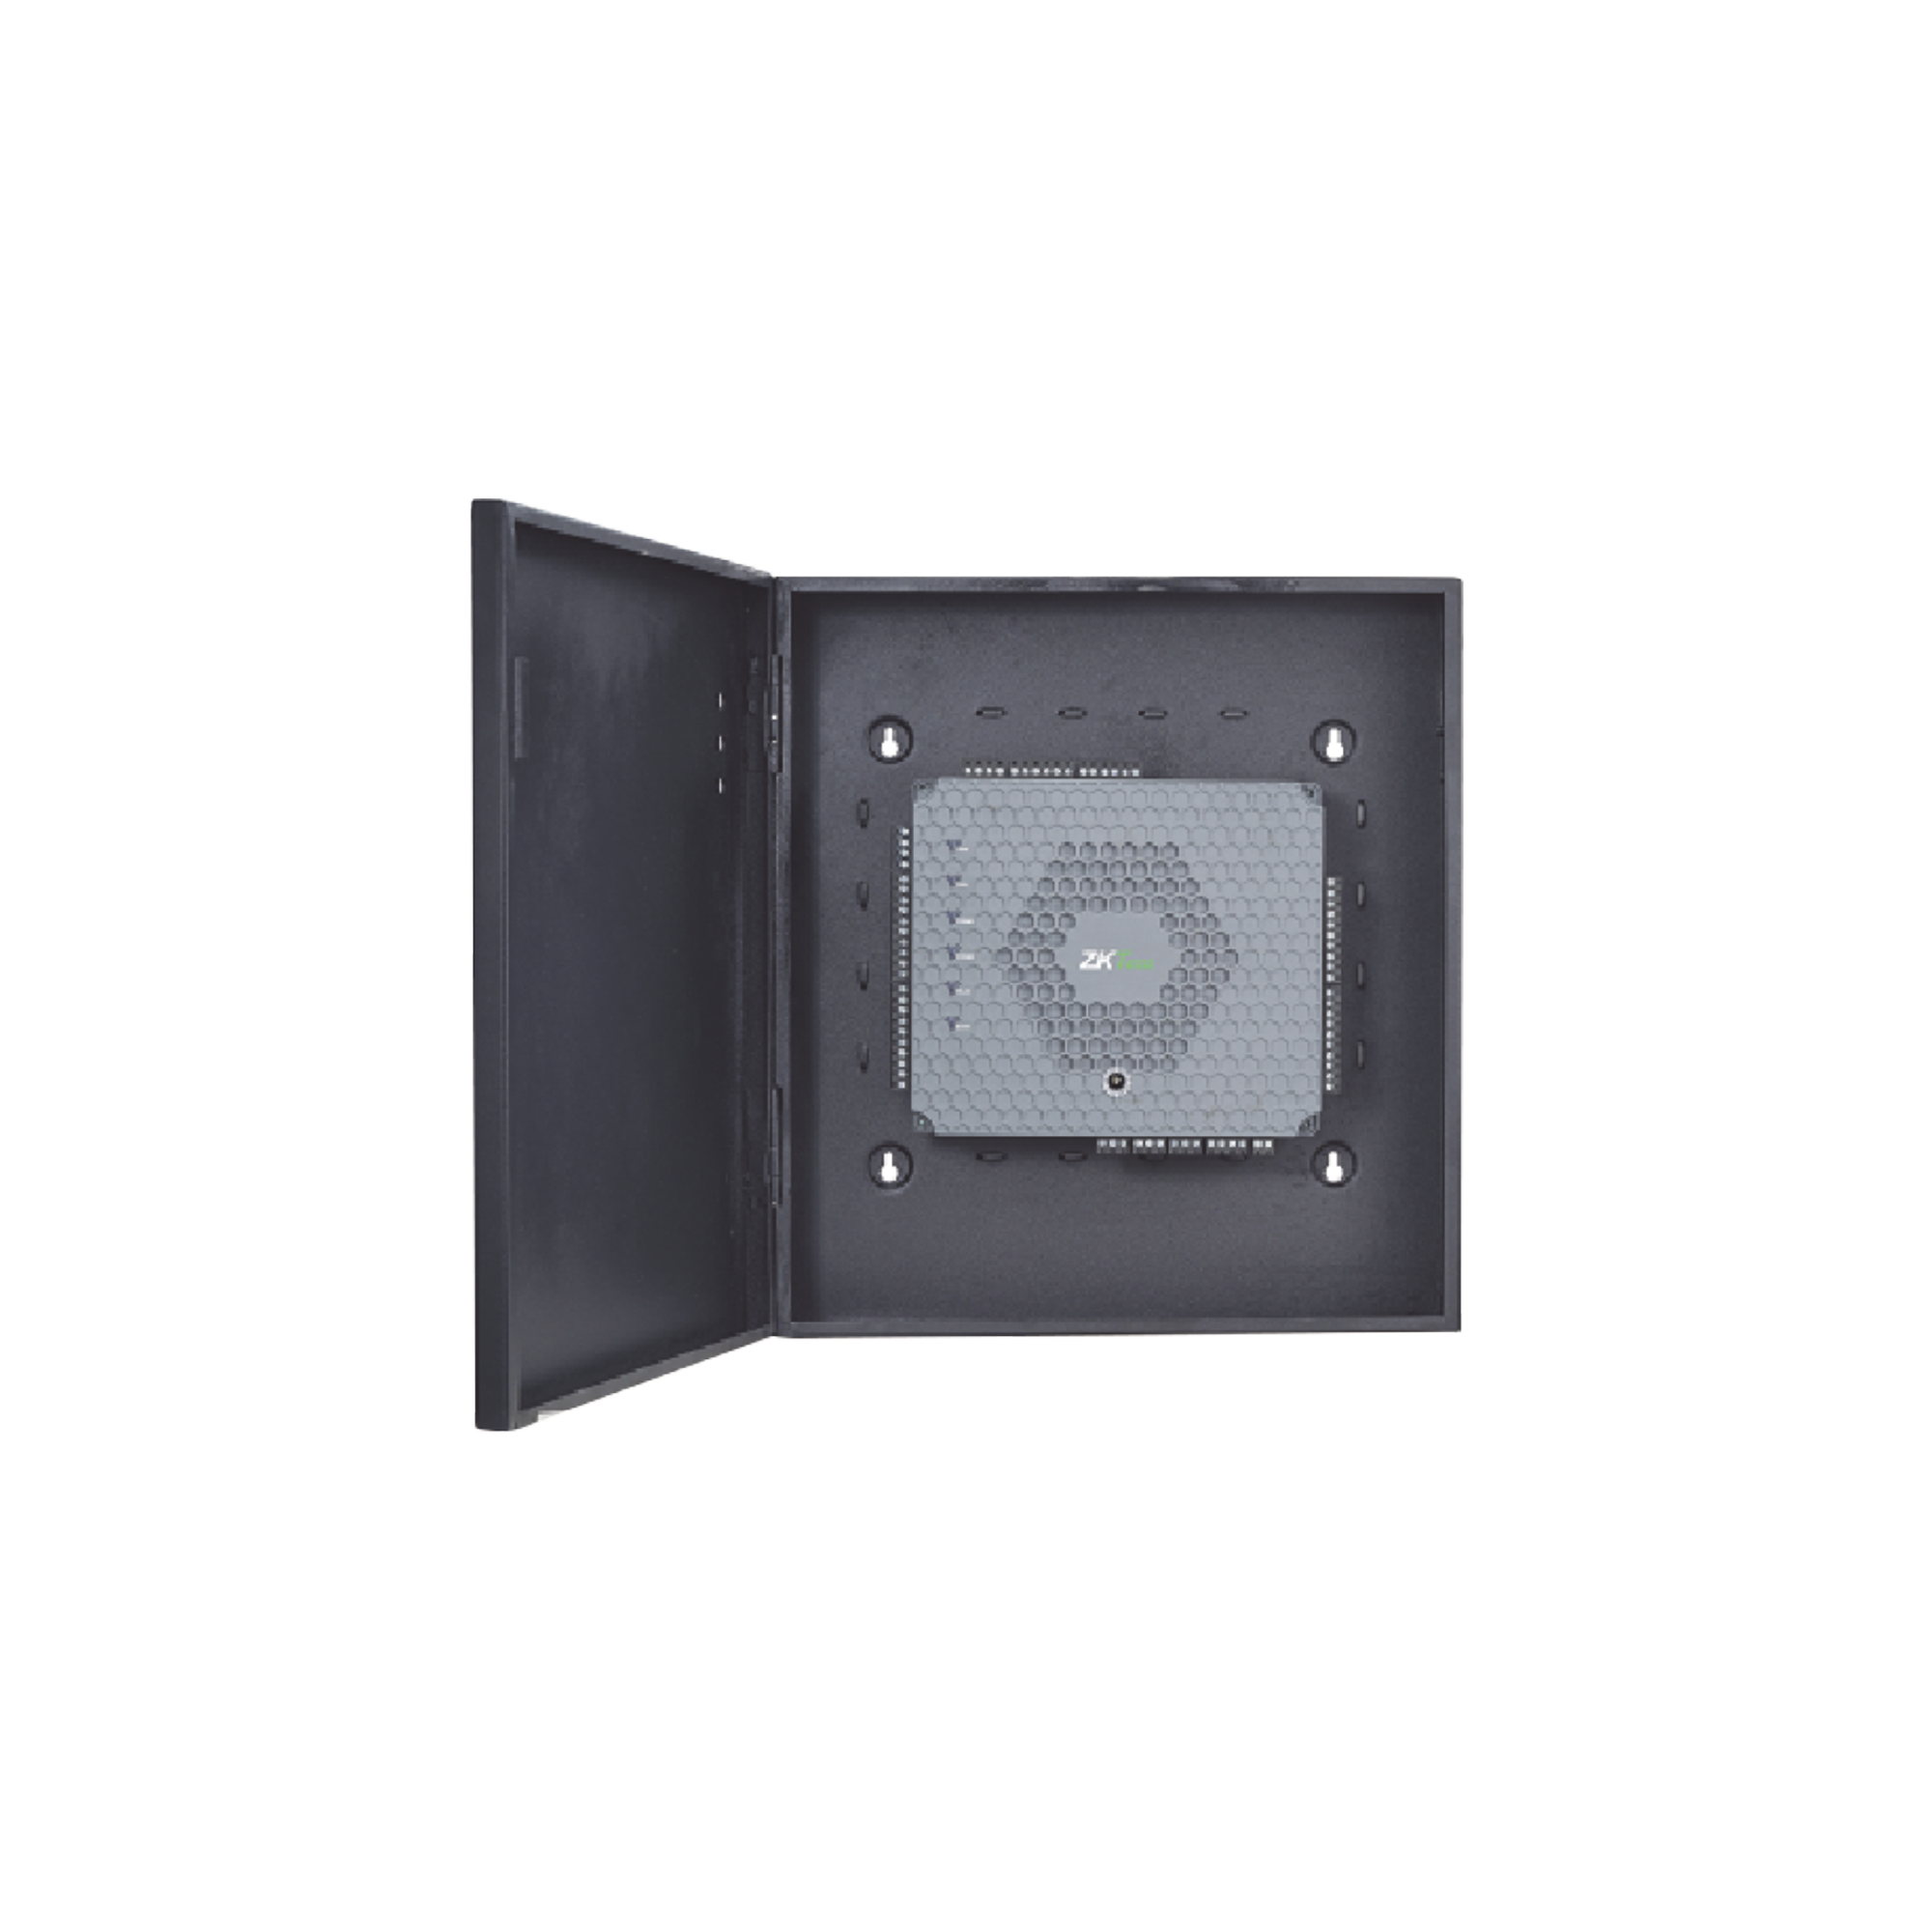 Controlador de Acceso / 2 Puertas / PoE / NO requiere Software / Biometría Integrada / 5,000 Huellas / Incluye Fuente y Gabinete